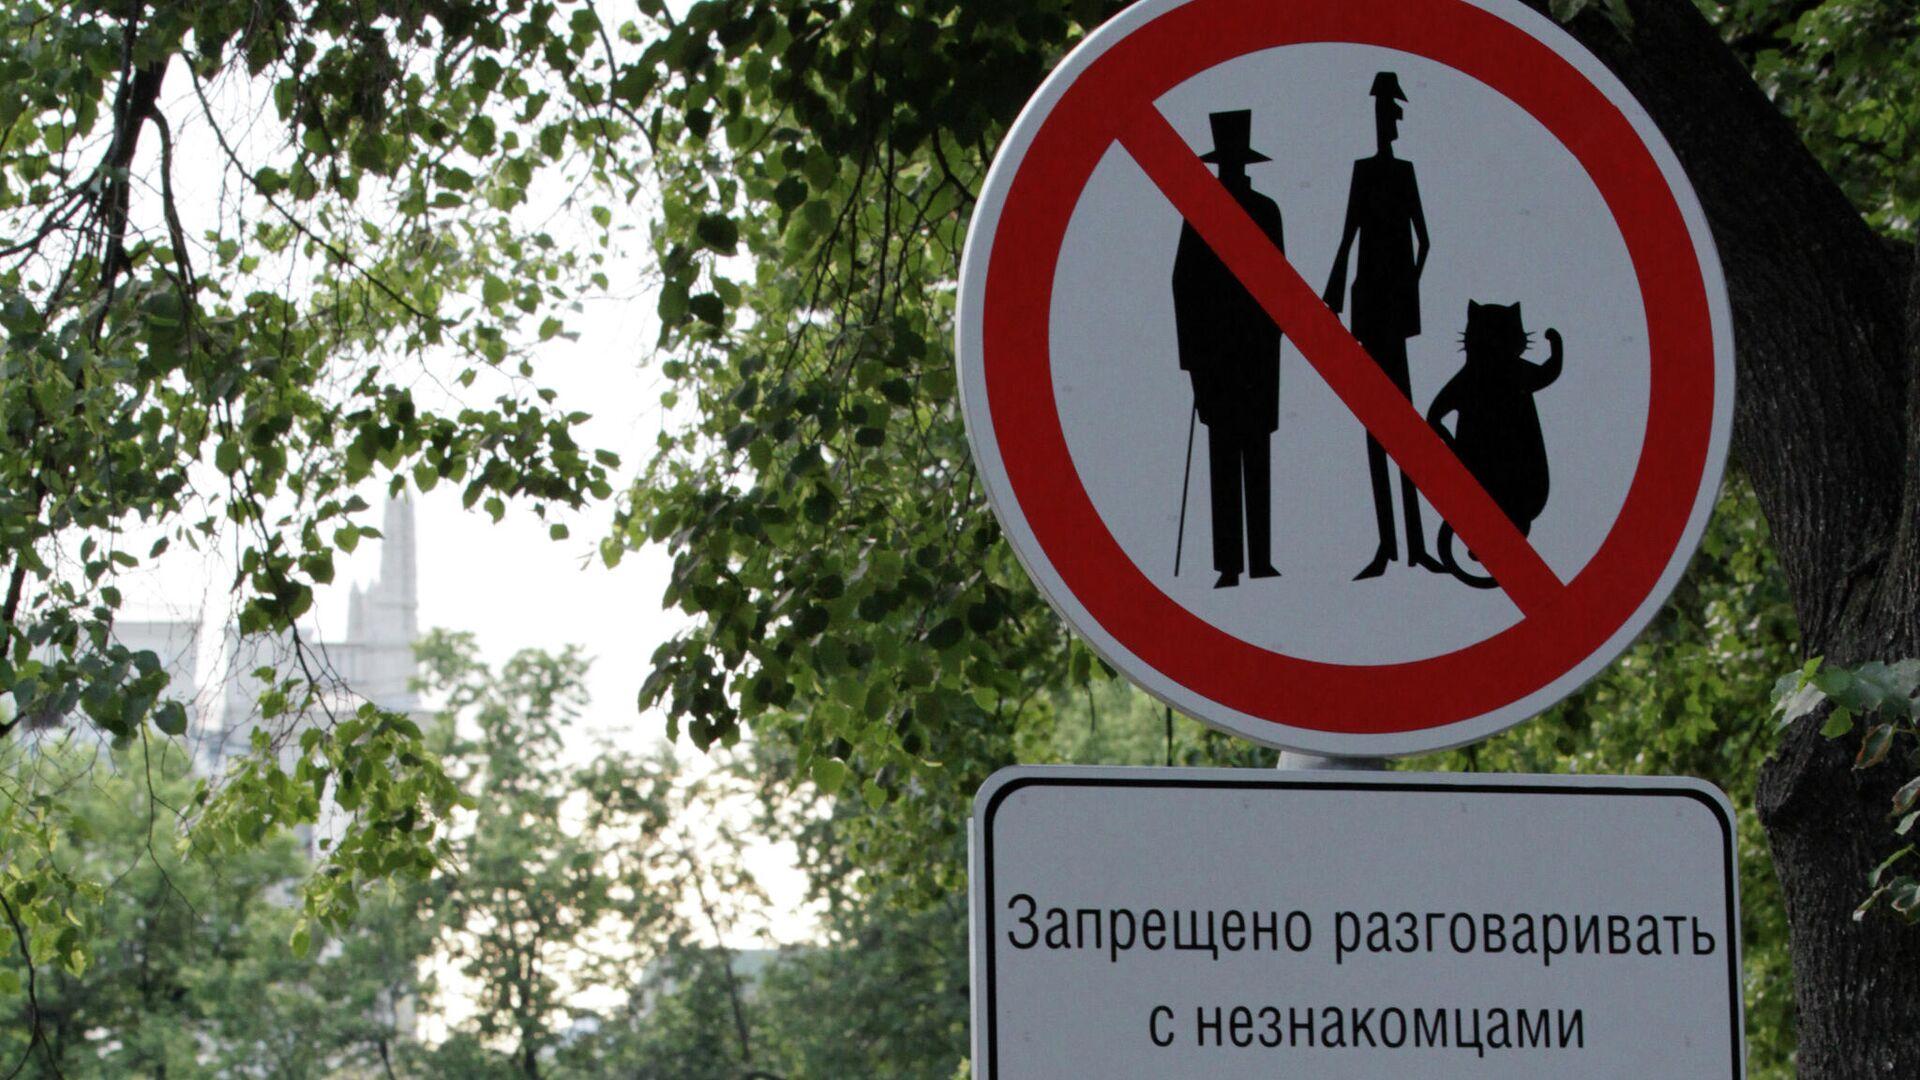 Знак Запрещено разговаривать с незнакомцами - РИА Новости, 1920, 04.06.2021